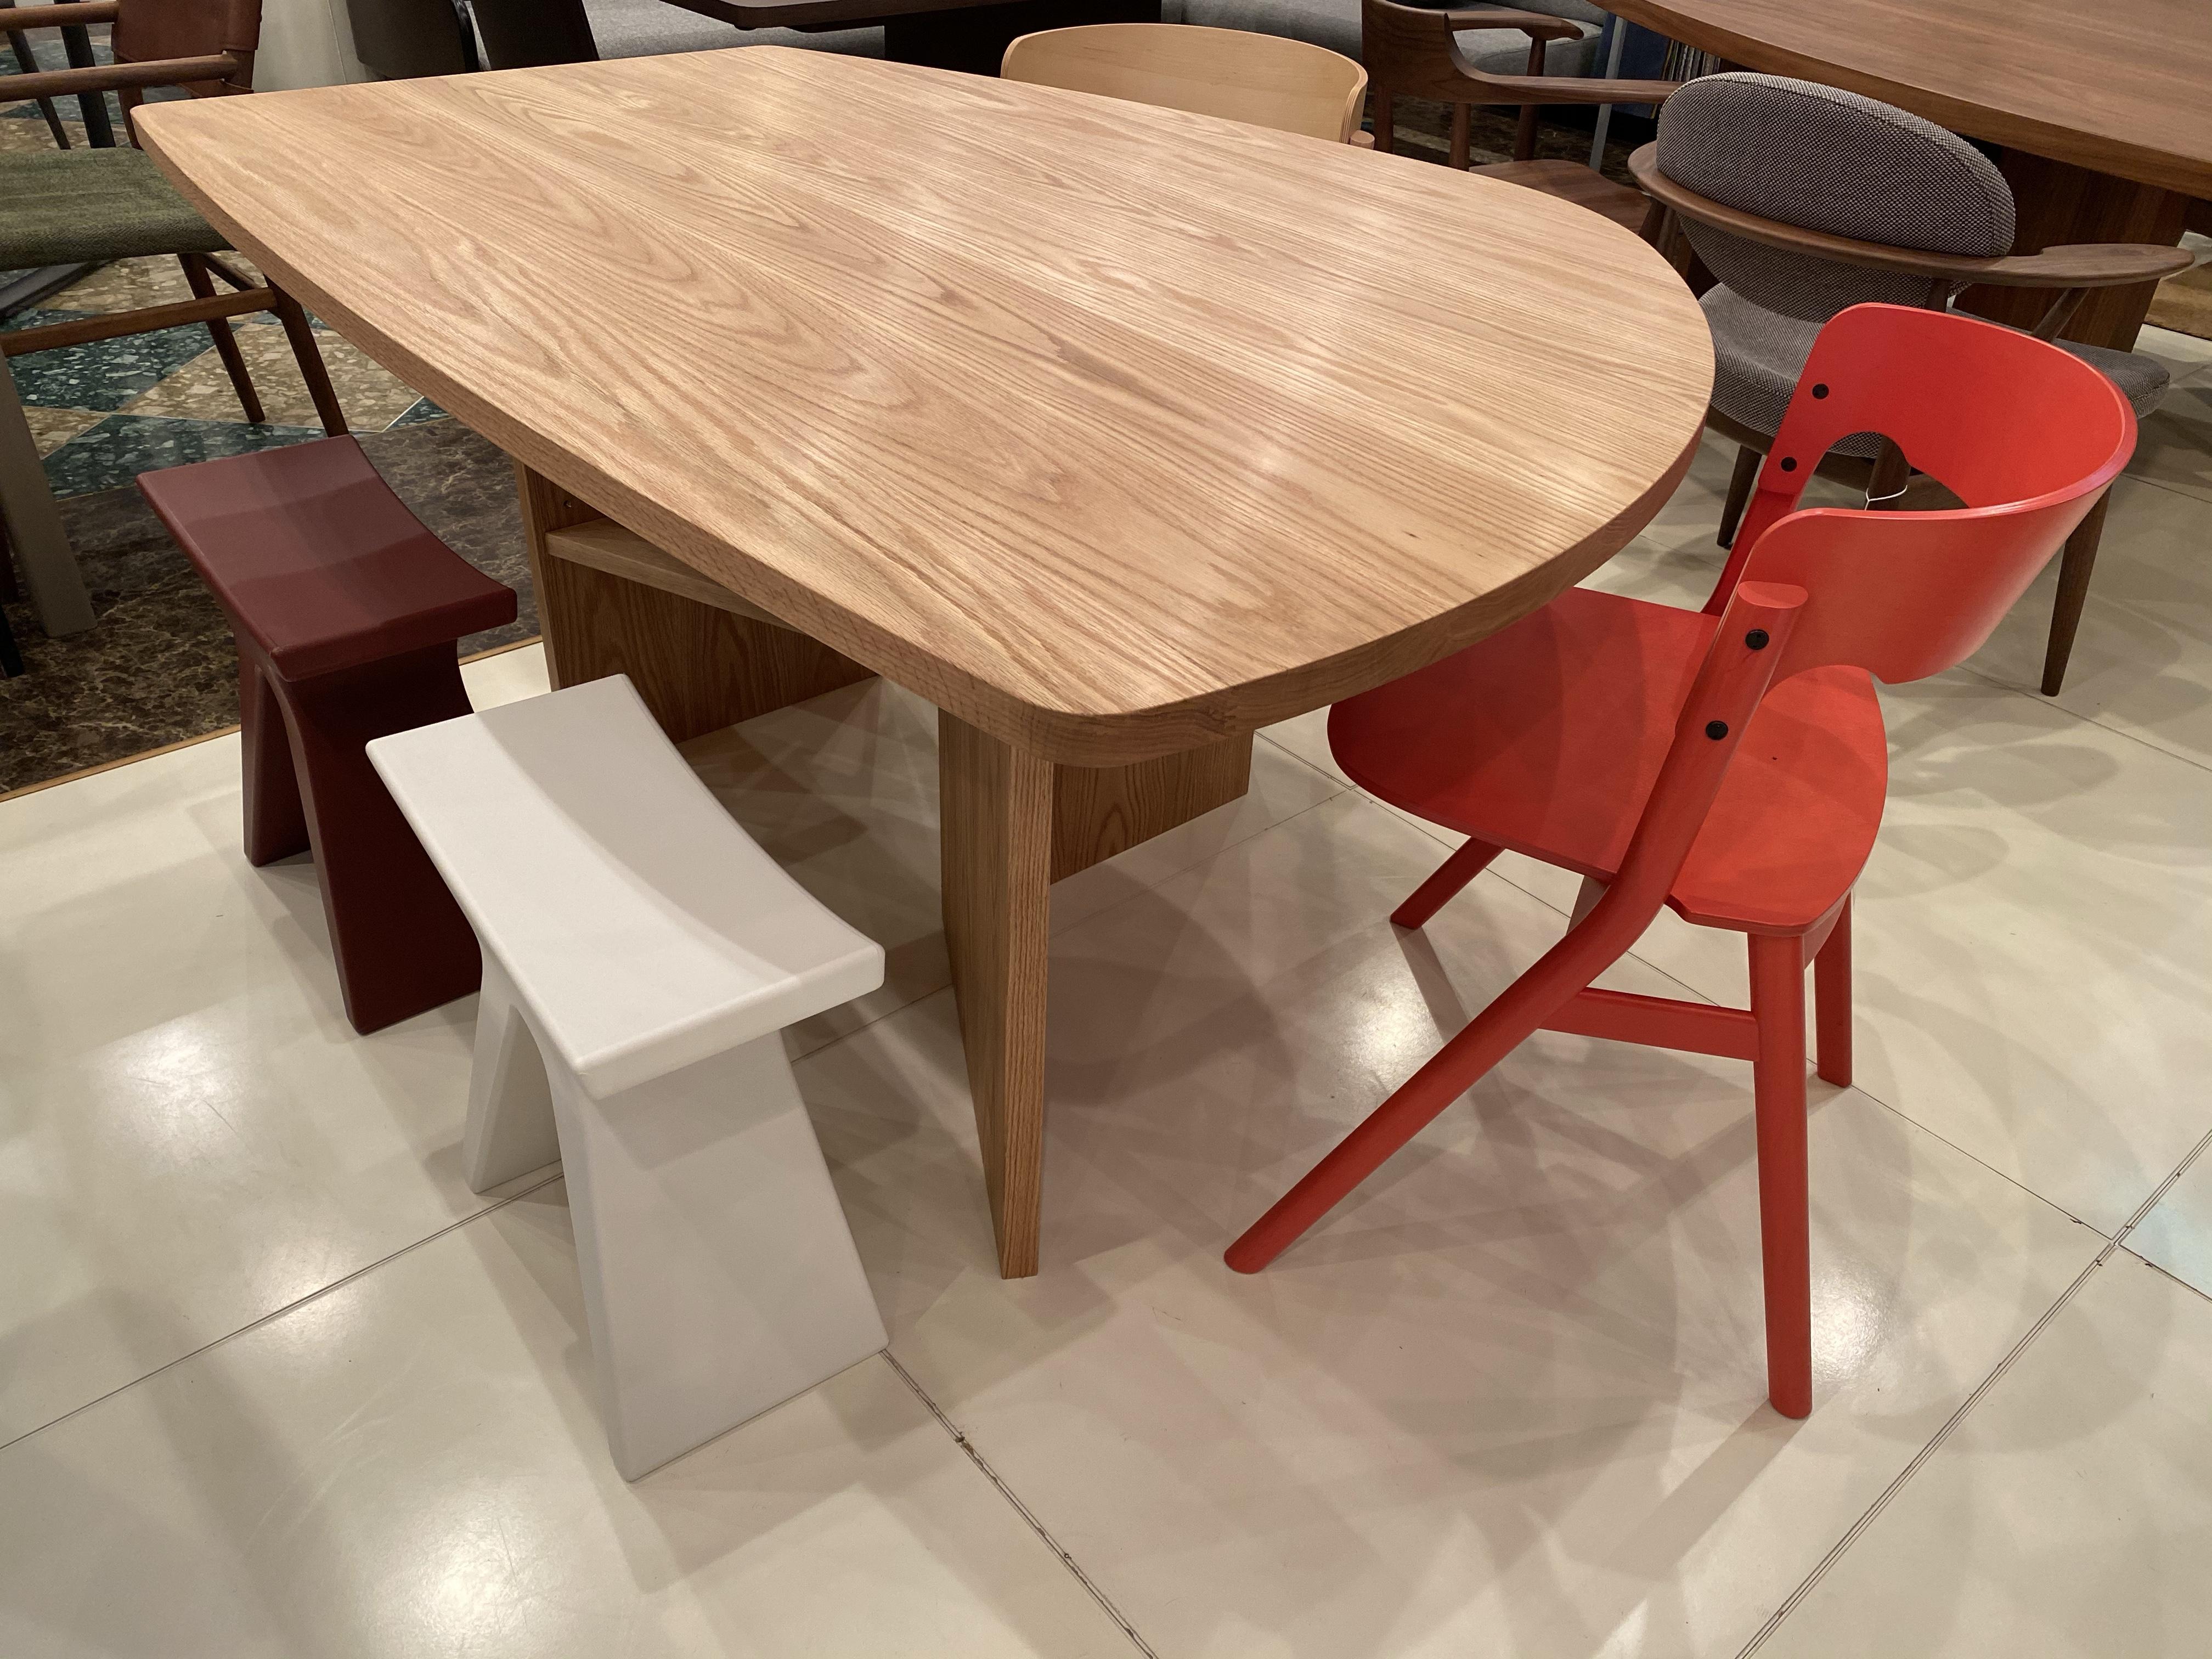 土井木工・オリジナル変形テーブルに松創・MEETEEチェアSallyとPIGRECOをセット